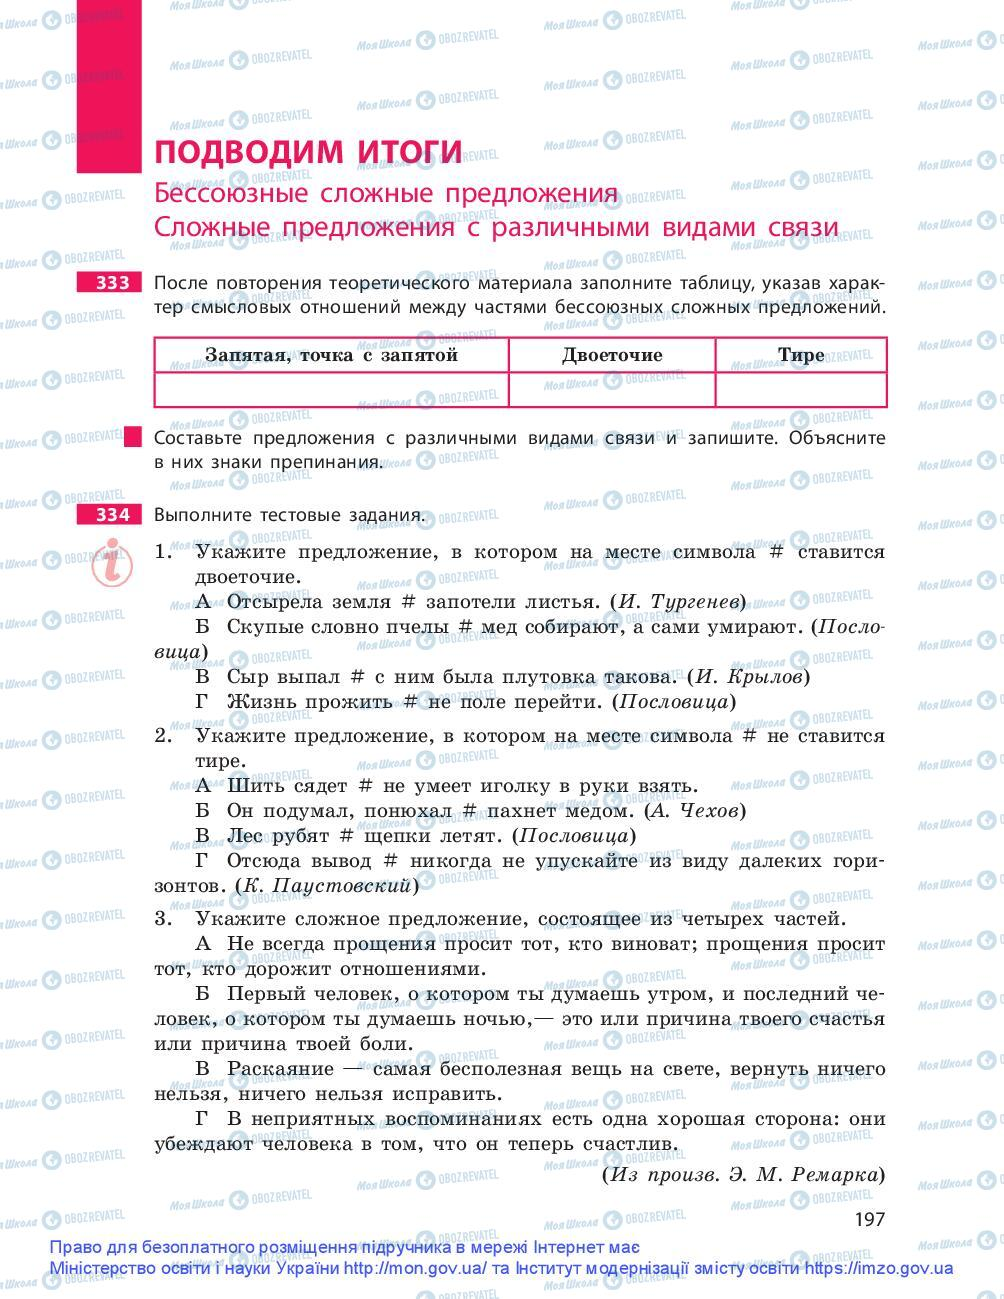 Підручники Російська мова 9 клас сторінка 197